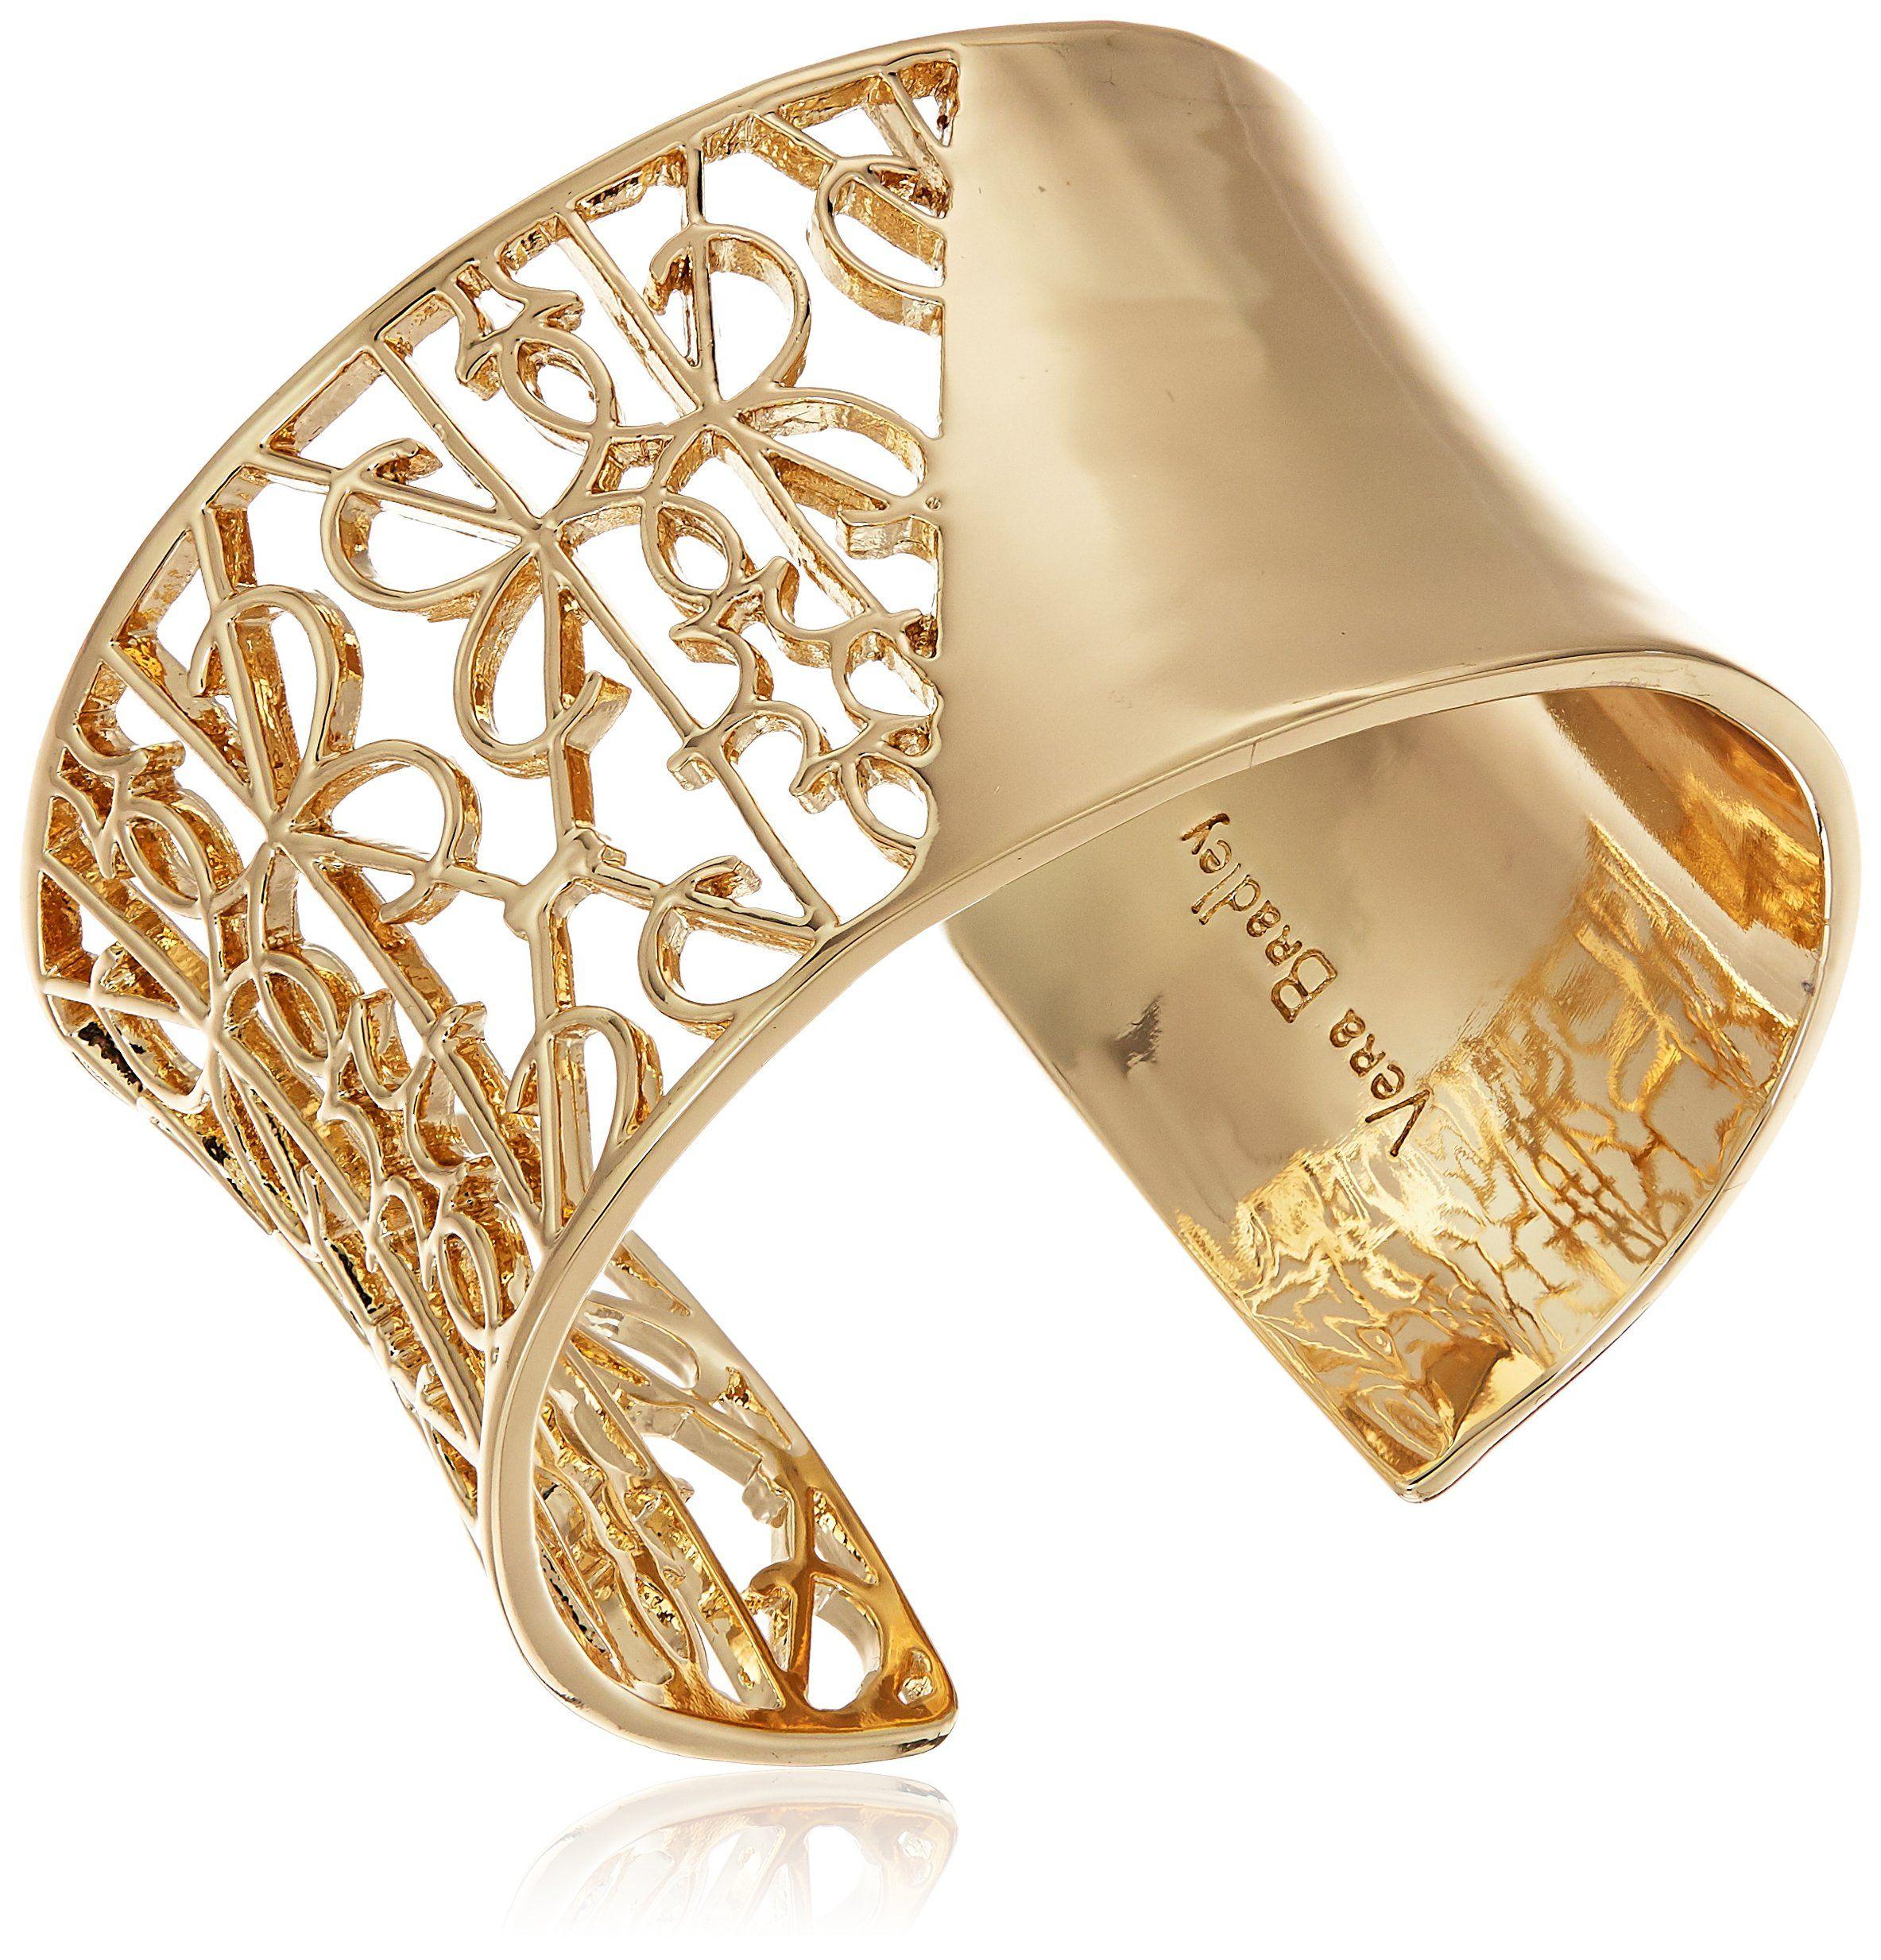 Vera Bradley Signature Wide Cuff in Gold Tone